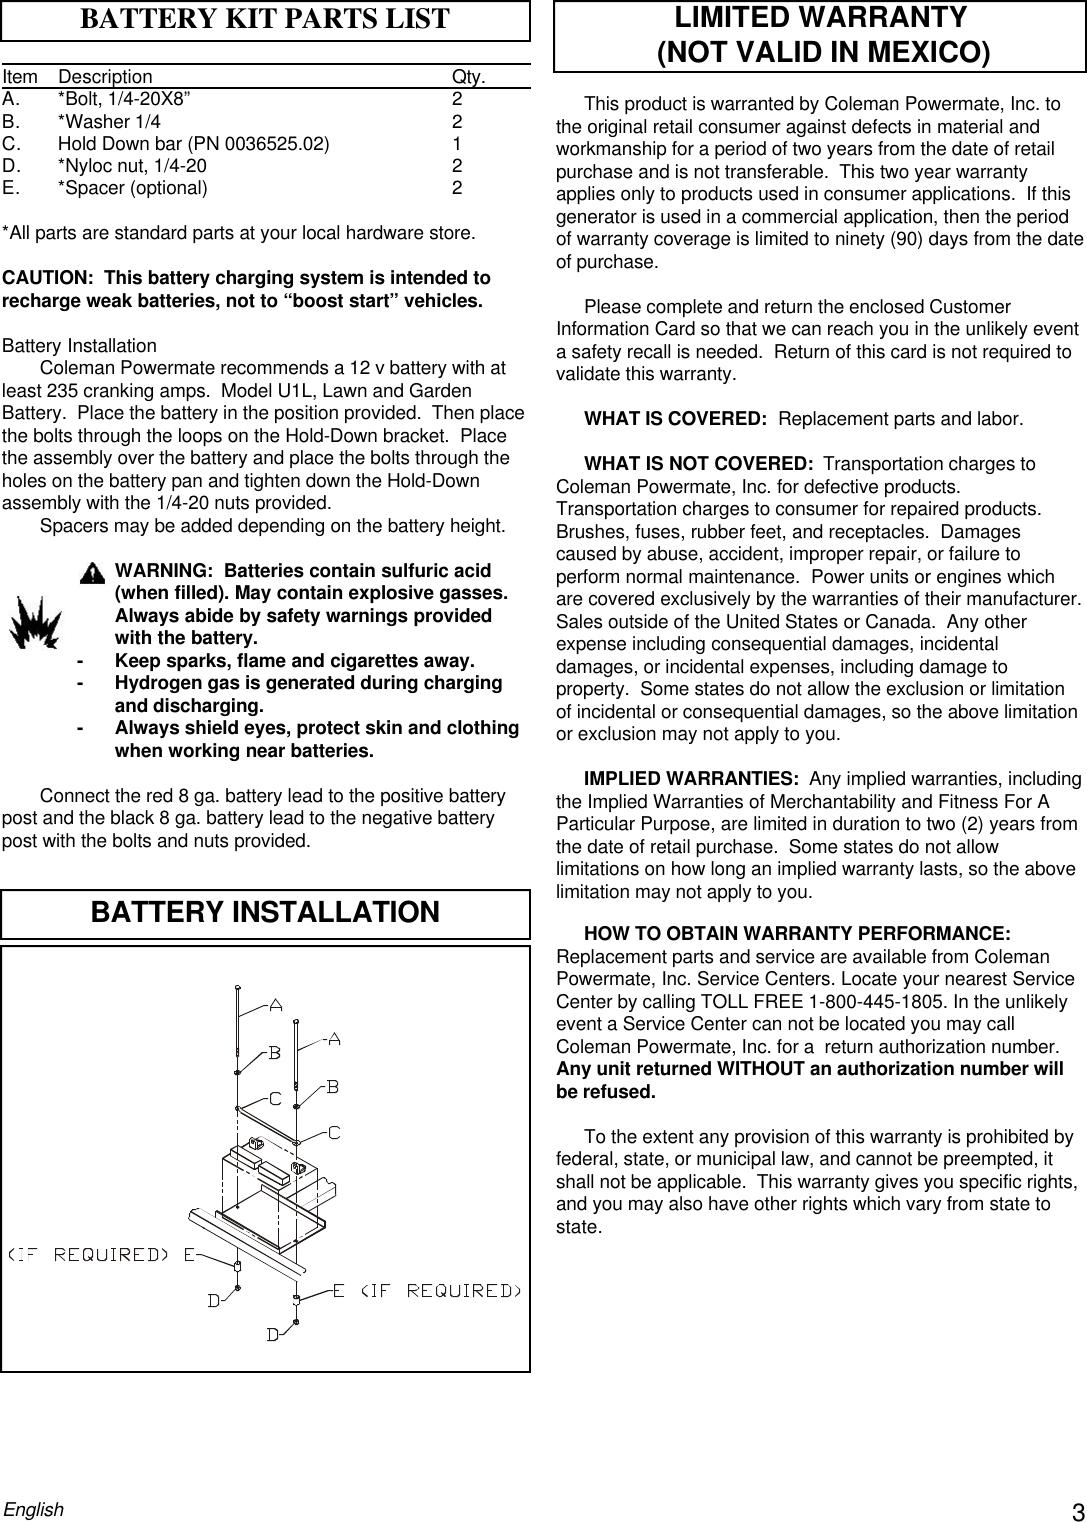 Powermate Premium Plus 5000 Pm0505622 18 Users Manual PM0505622.18